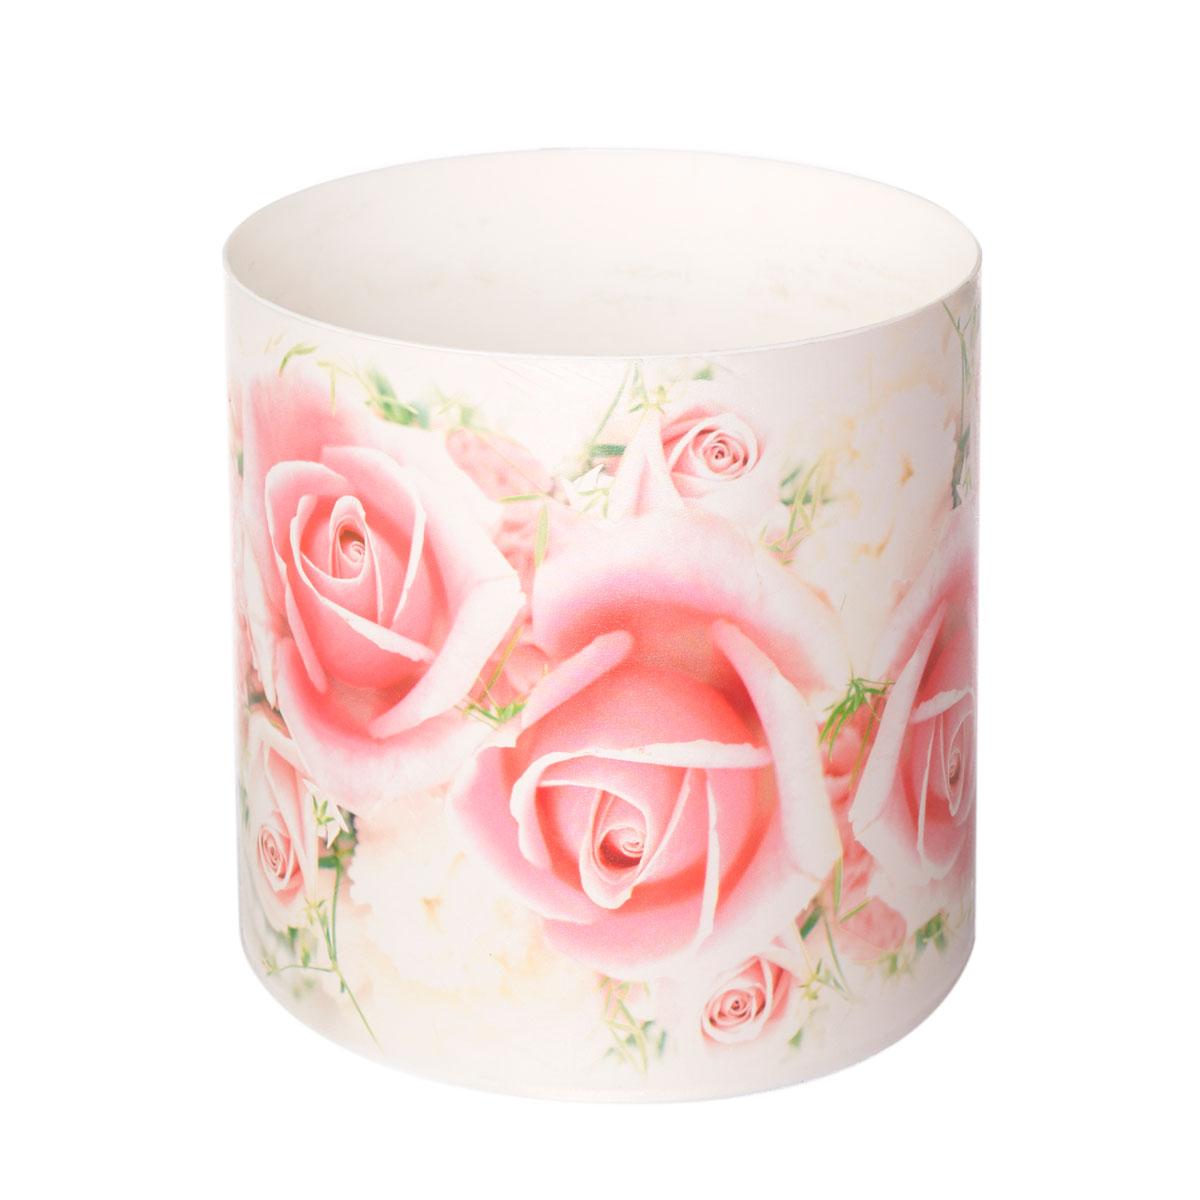 Горшок для цветов Miolla Розы со скрытым поддоном, 2,8лSMG-28Декоративный горшочек Miolla c 3D рисунком. Хорошо будут смотреться как основа для топиариев и флористических композиций. А так же замечательно для комнатных цветов. Со скрытым поддоном.